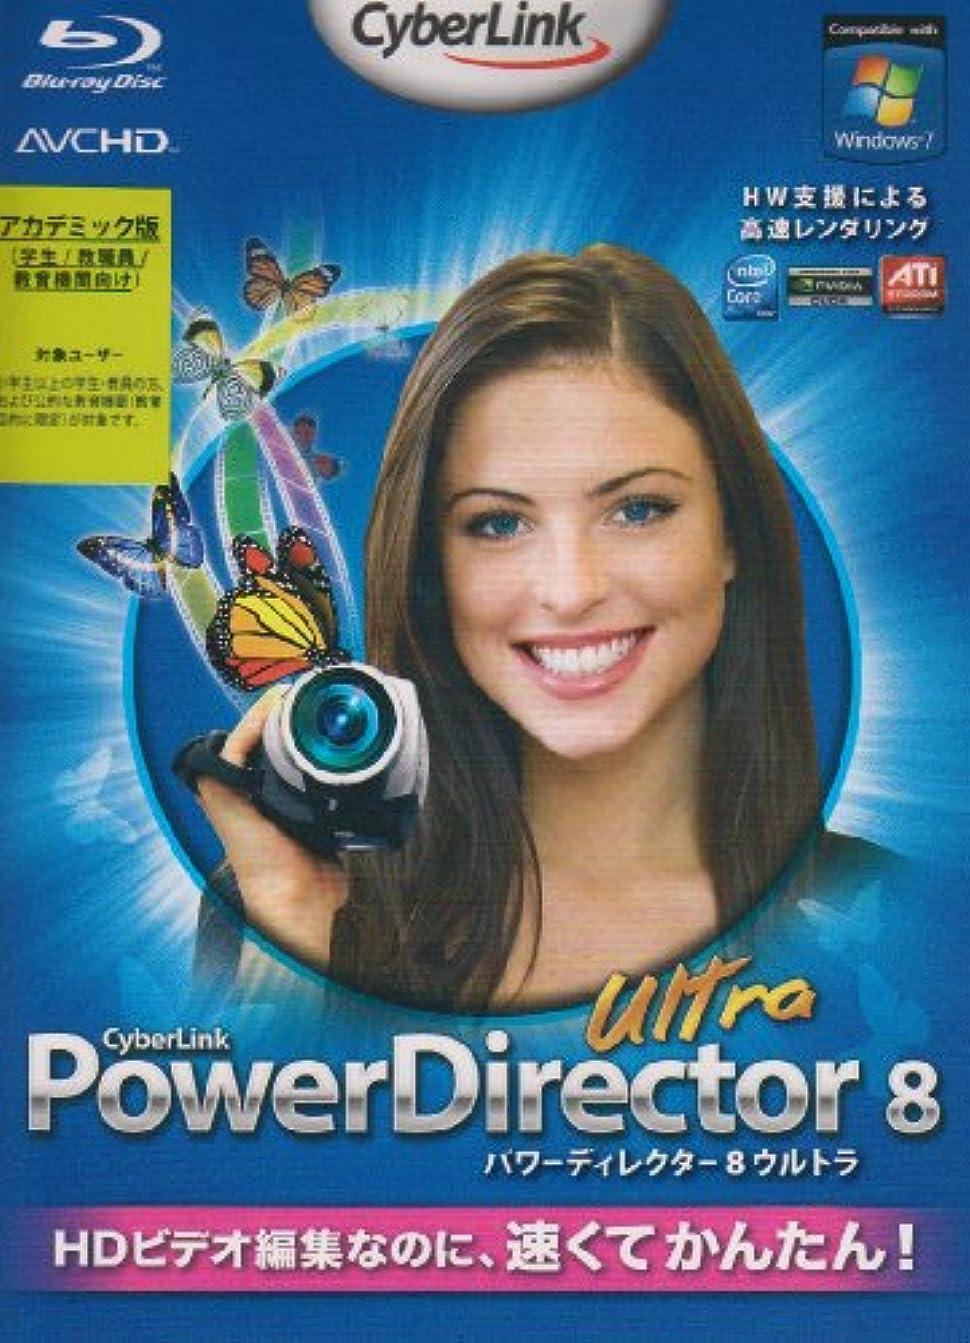 あなたのものゴールデンすずめPowerDirector8 Ultra アカデミック版